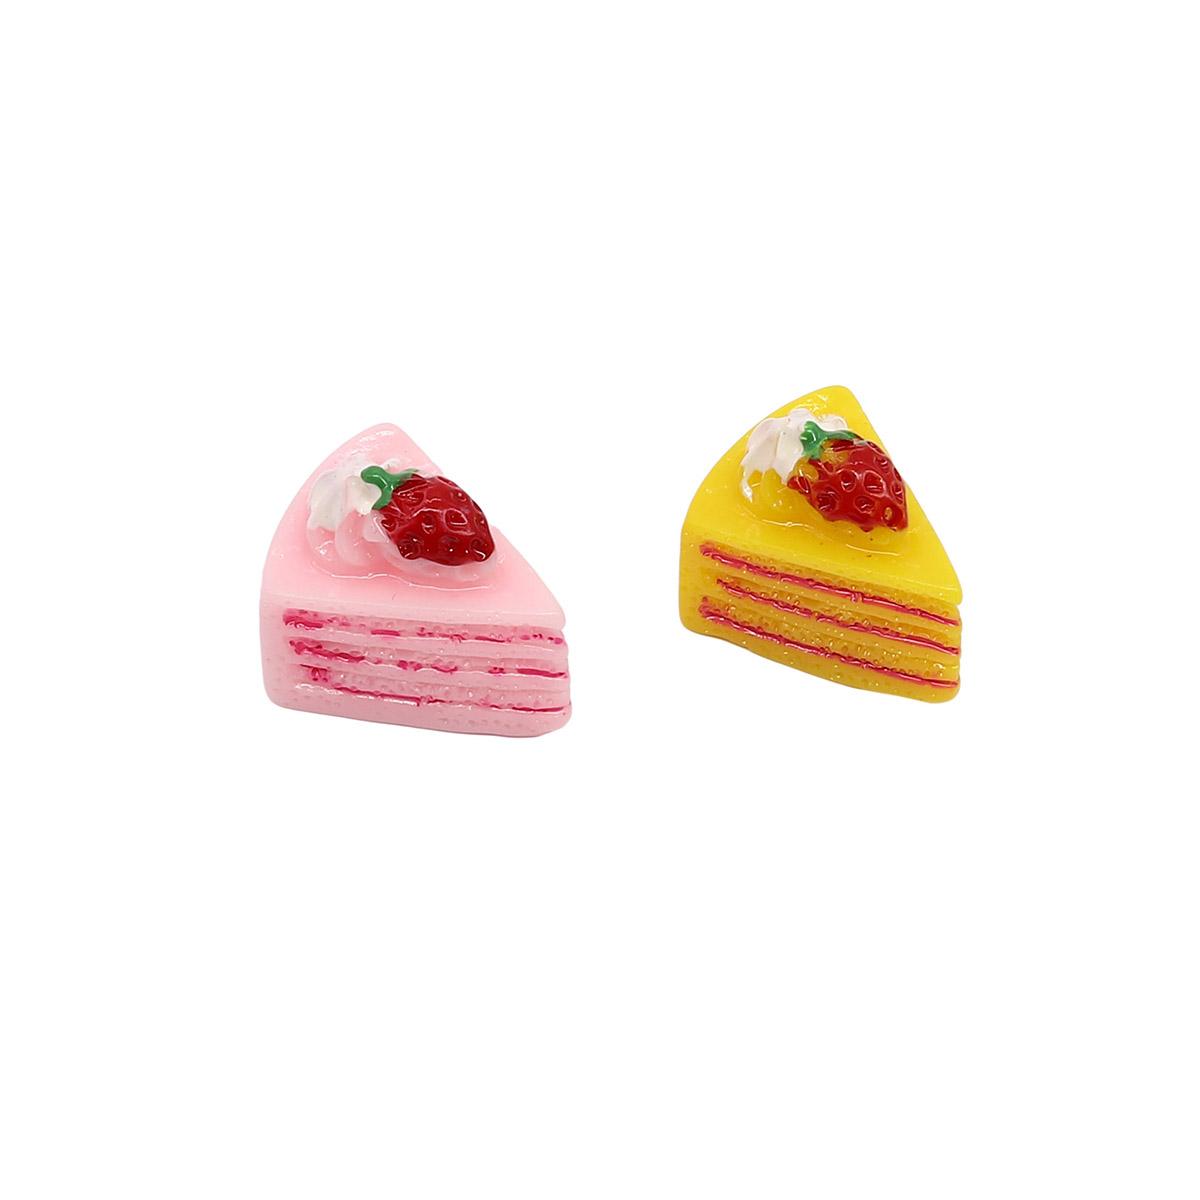 3AS-118 Миниатюра. Кусочки торта, 1,5см